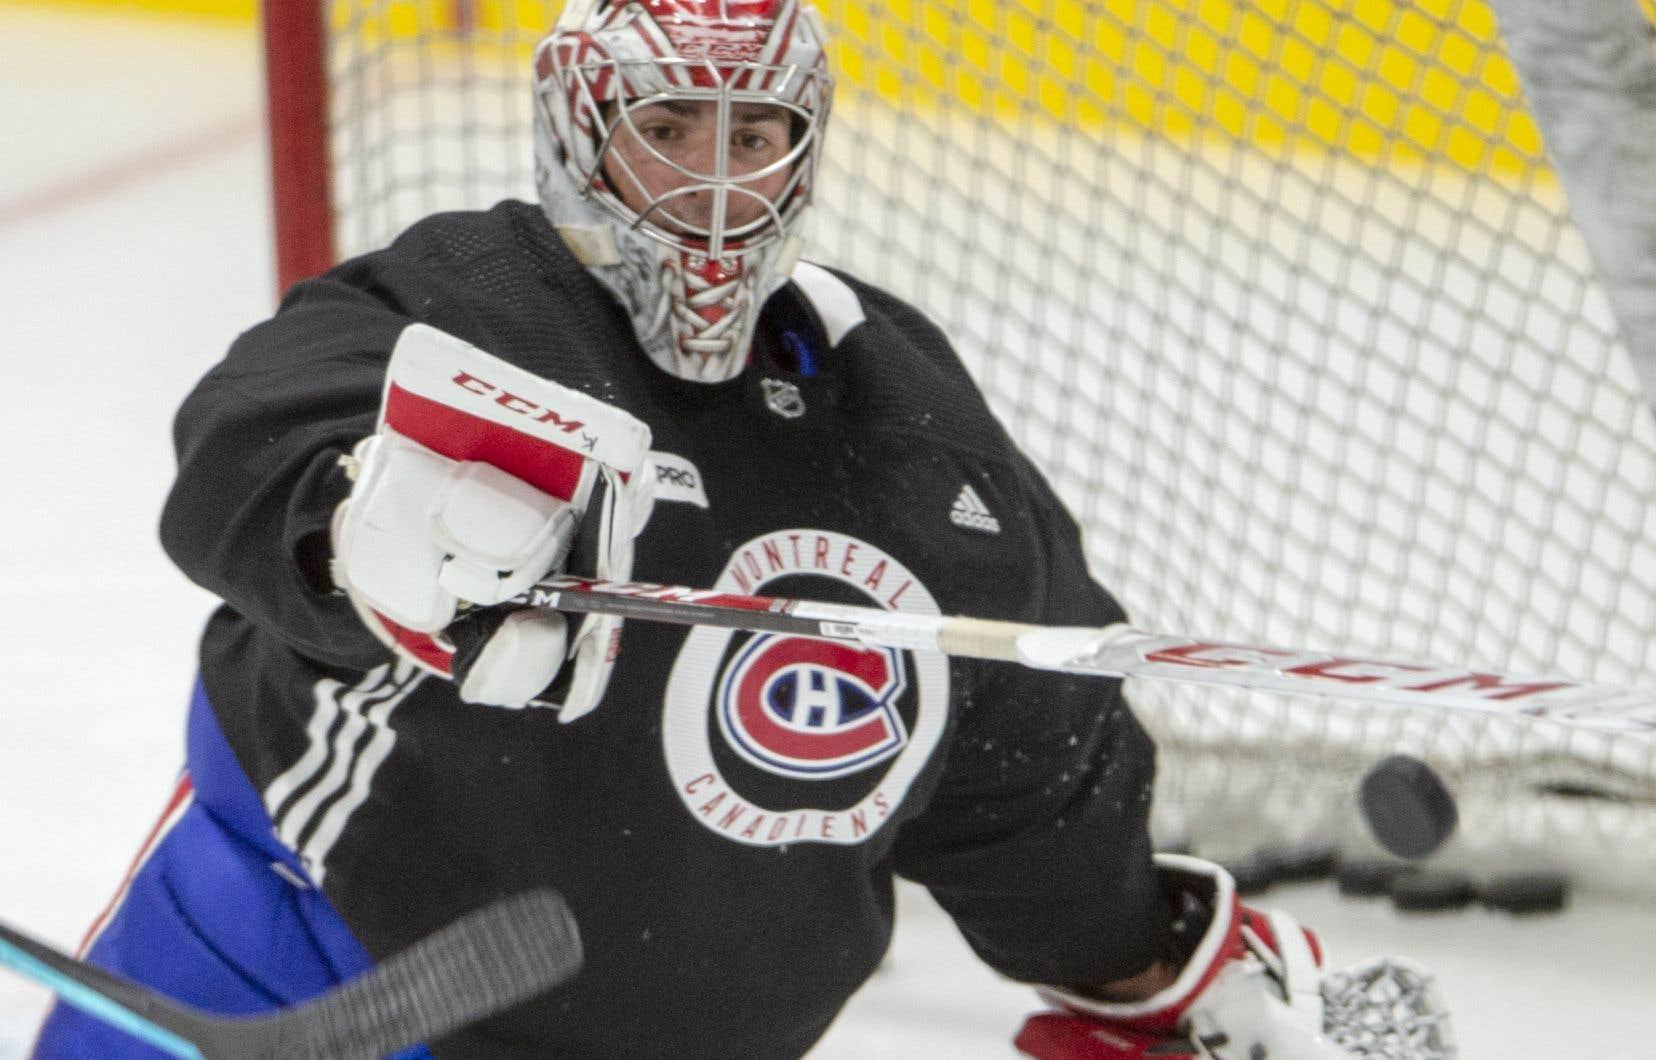 Le choix du réserviste de Price en prévision de la série de qualification n'est pas encore fait, selon l'entraîneur-chef du Canadien.